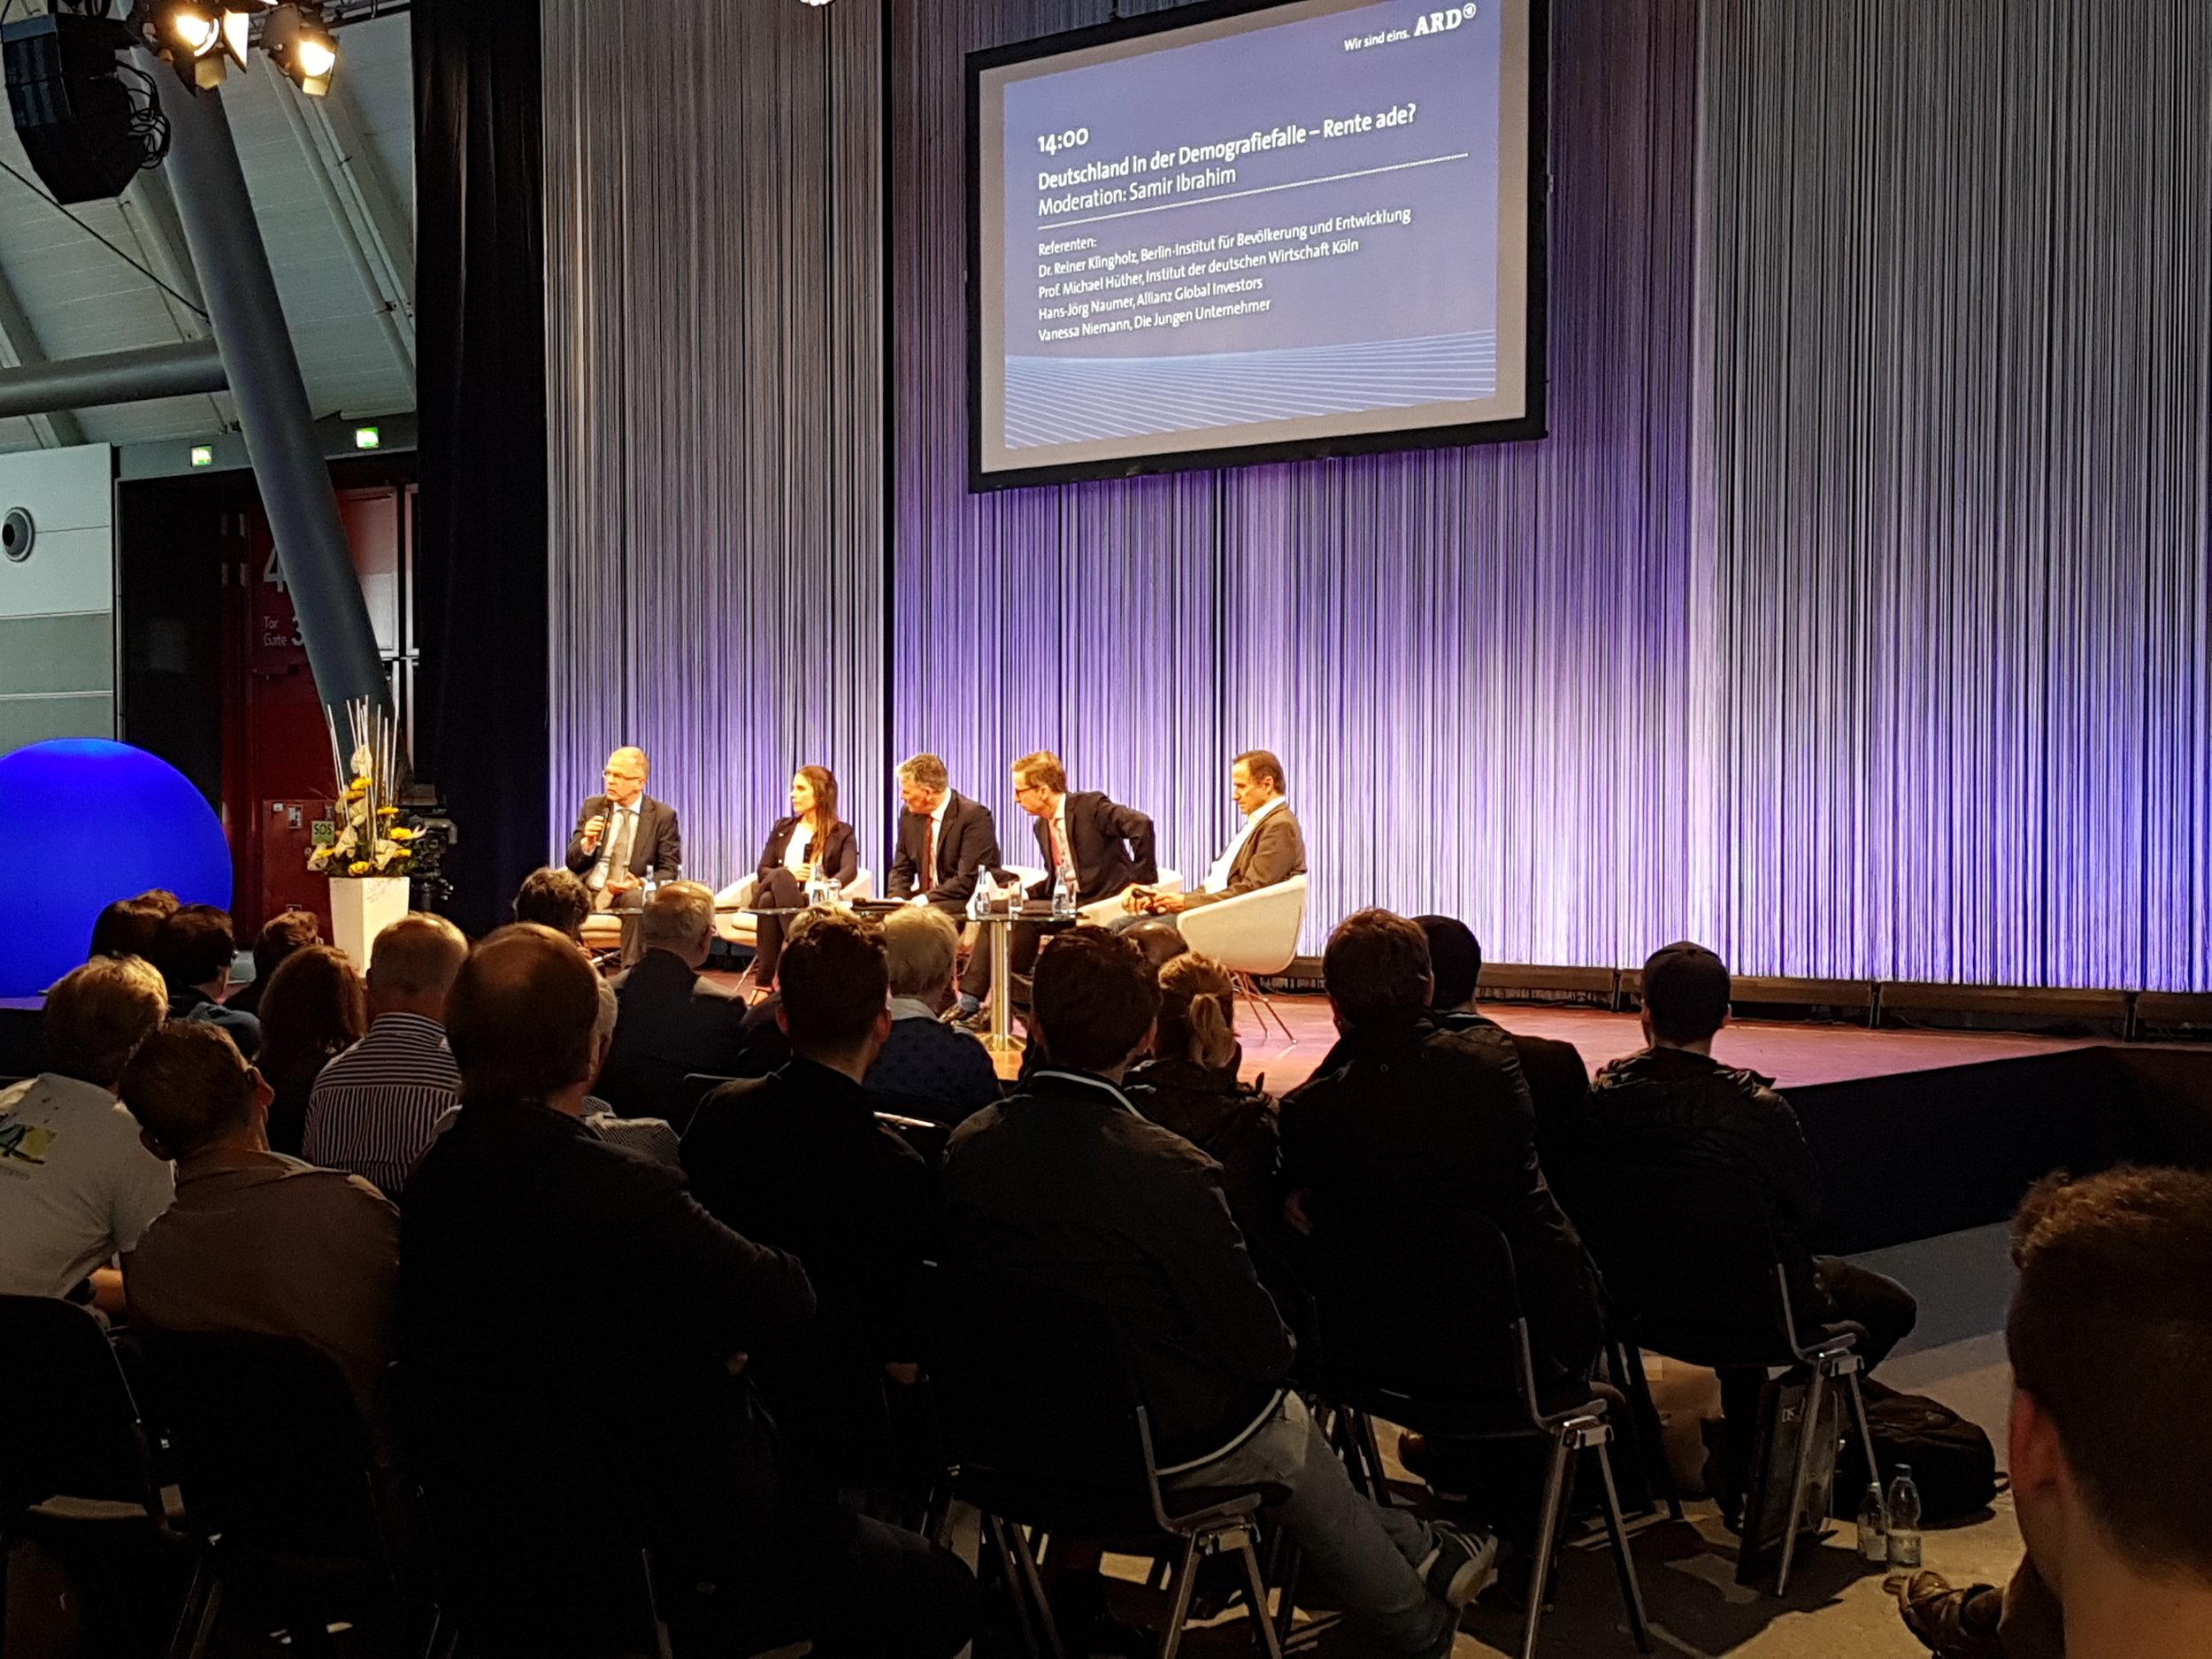 Diskussion auf der ARD-Bühne bei der Invest 2018 in Stuttgart. Foto: Johannes Lortz